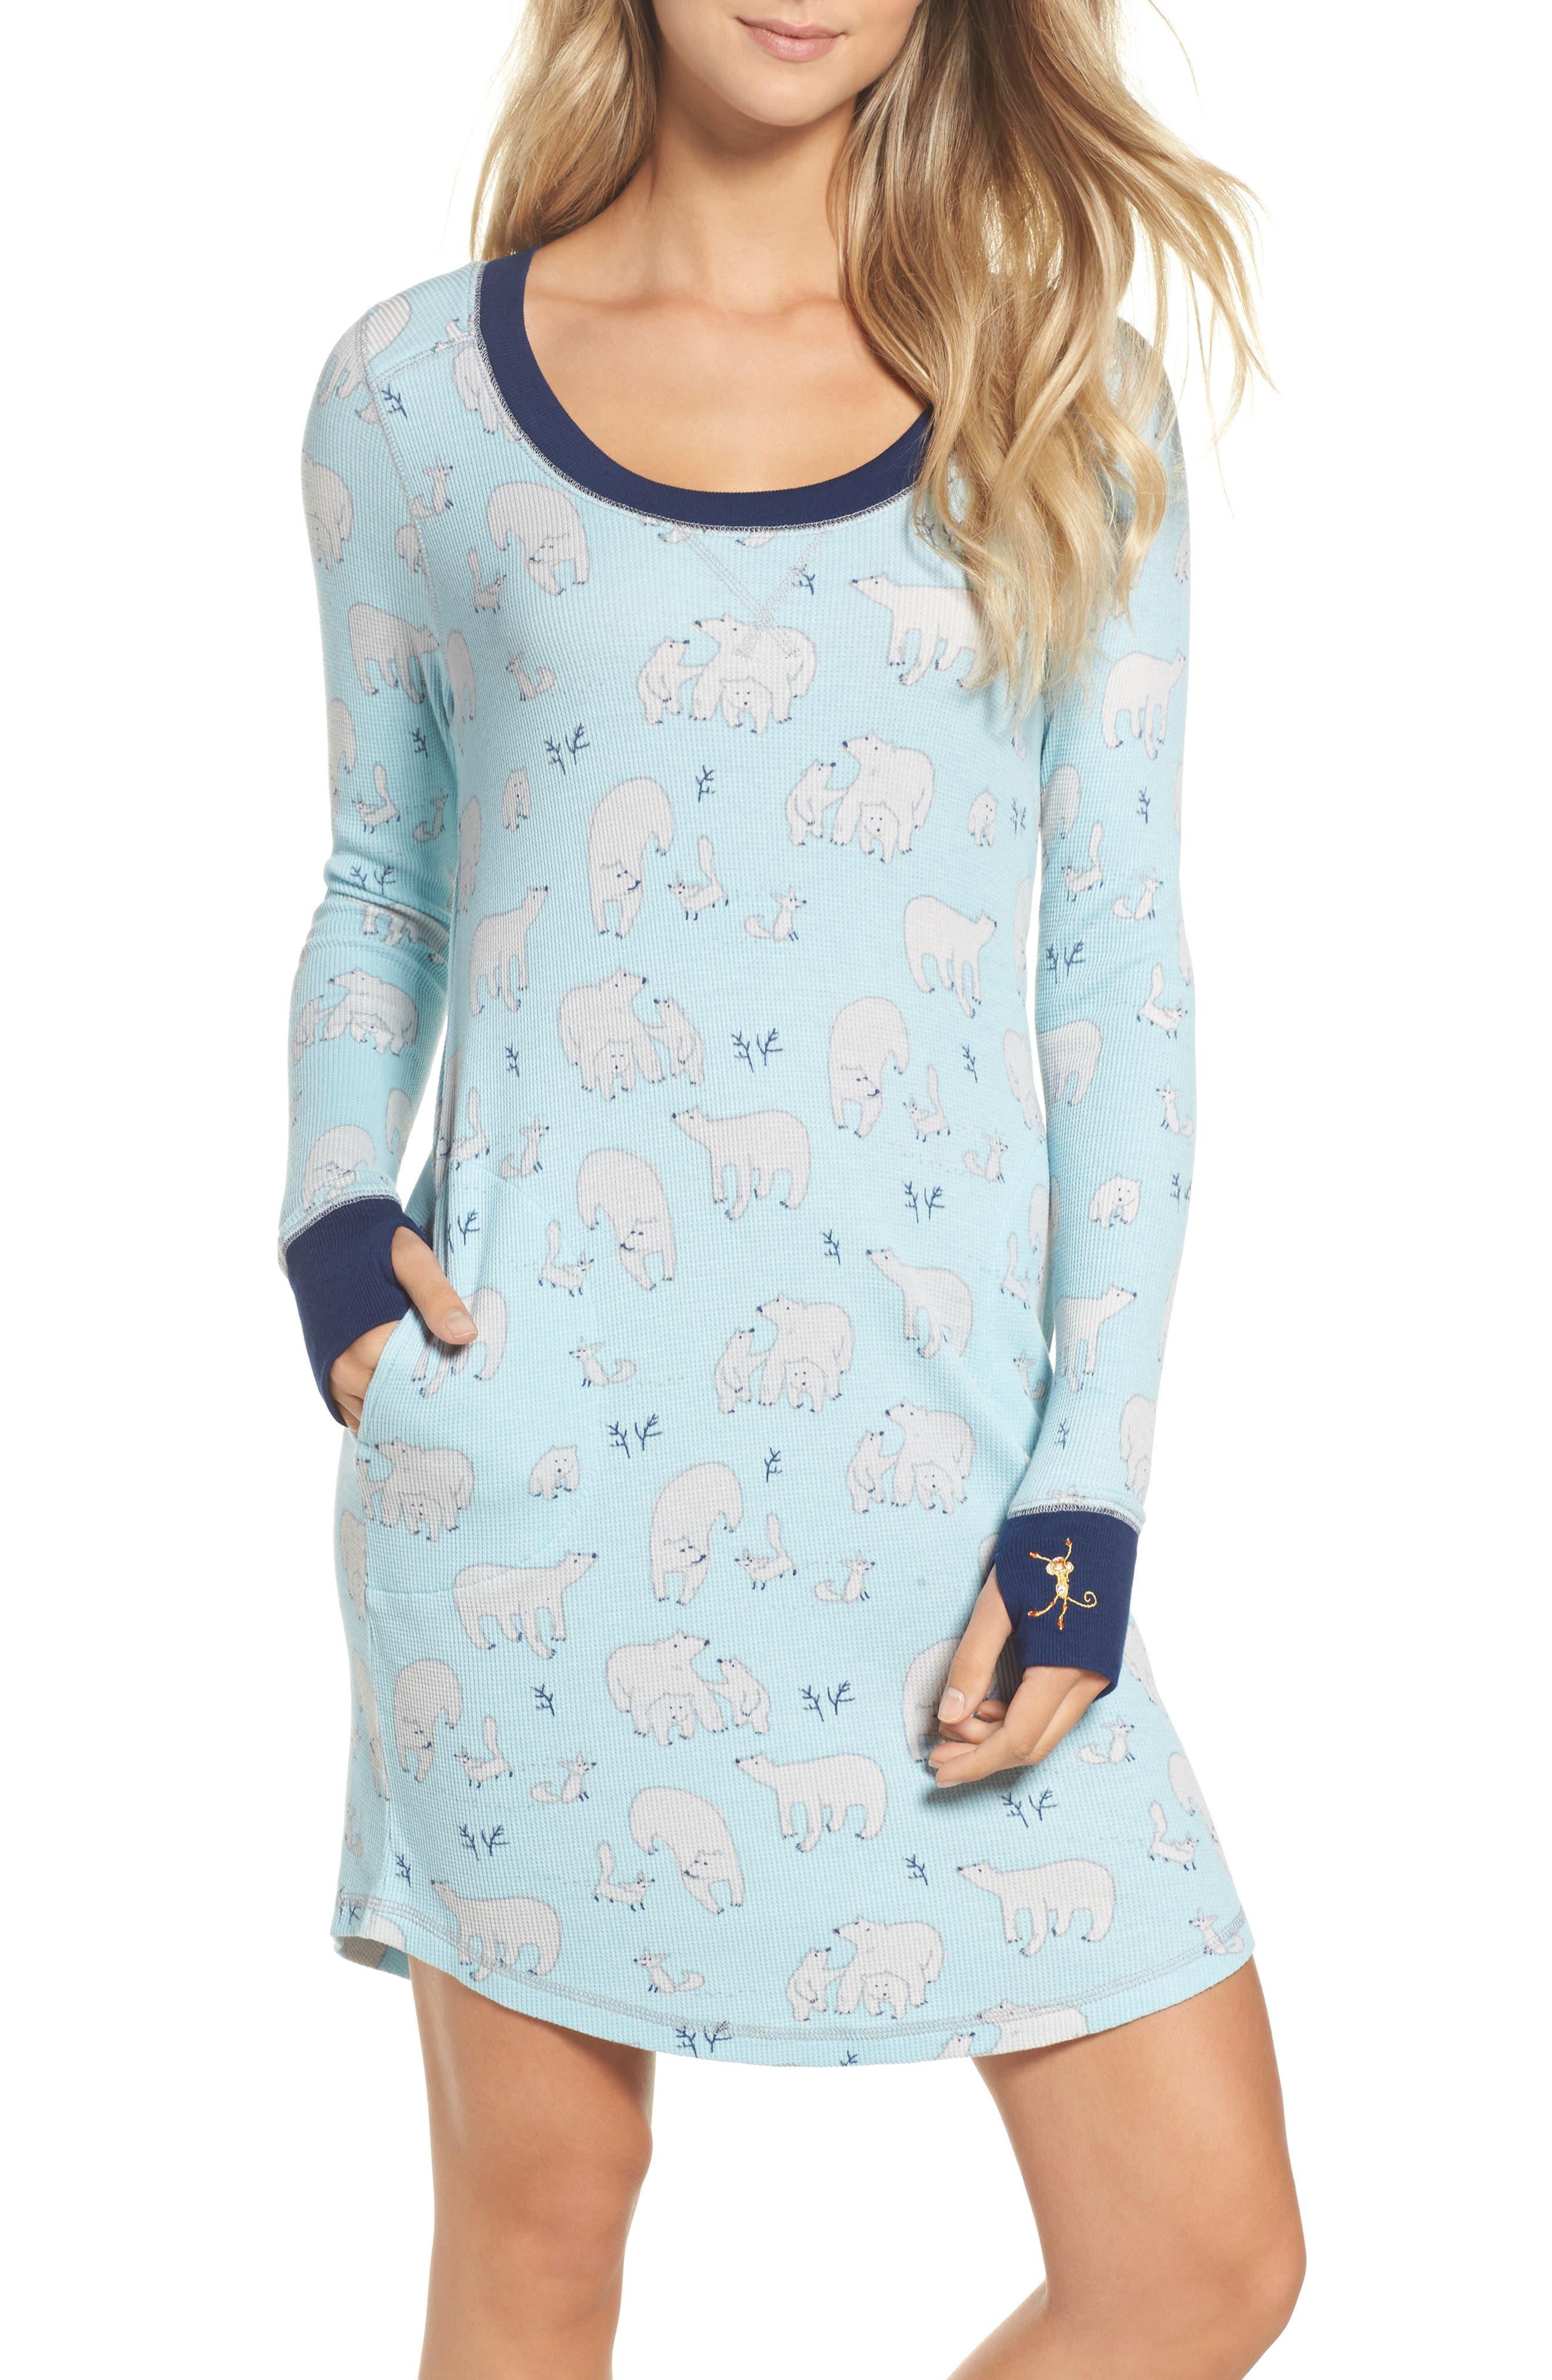 Munki Munki Thermal Nightgown